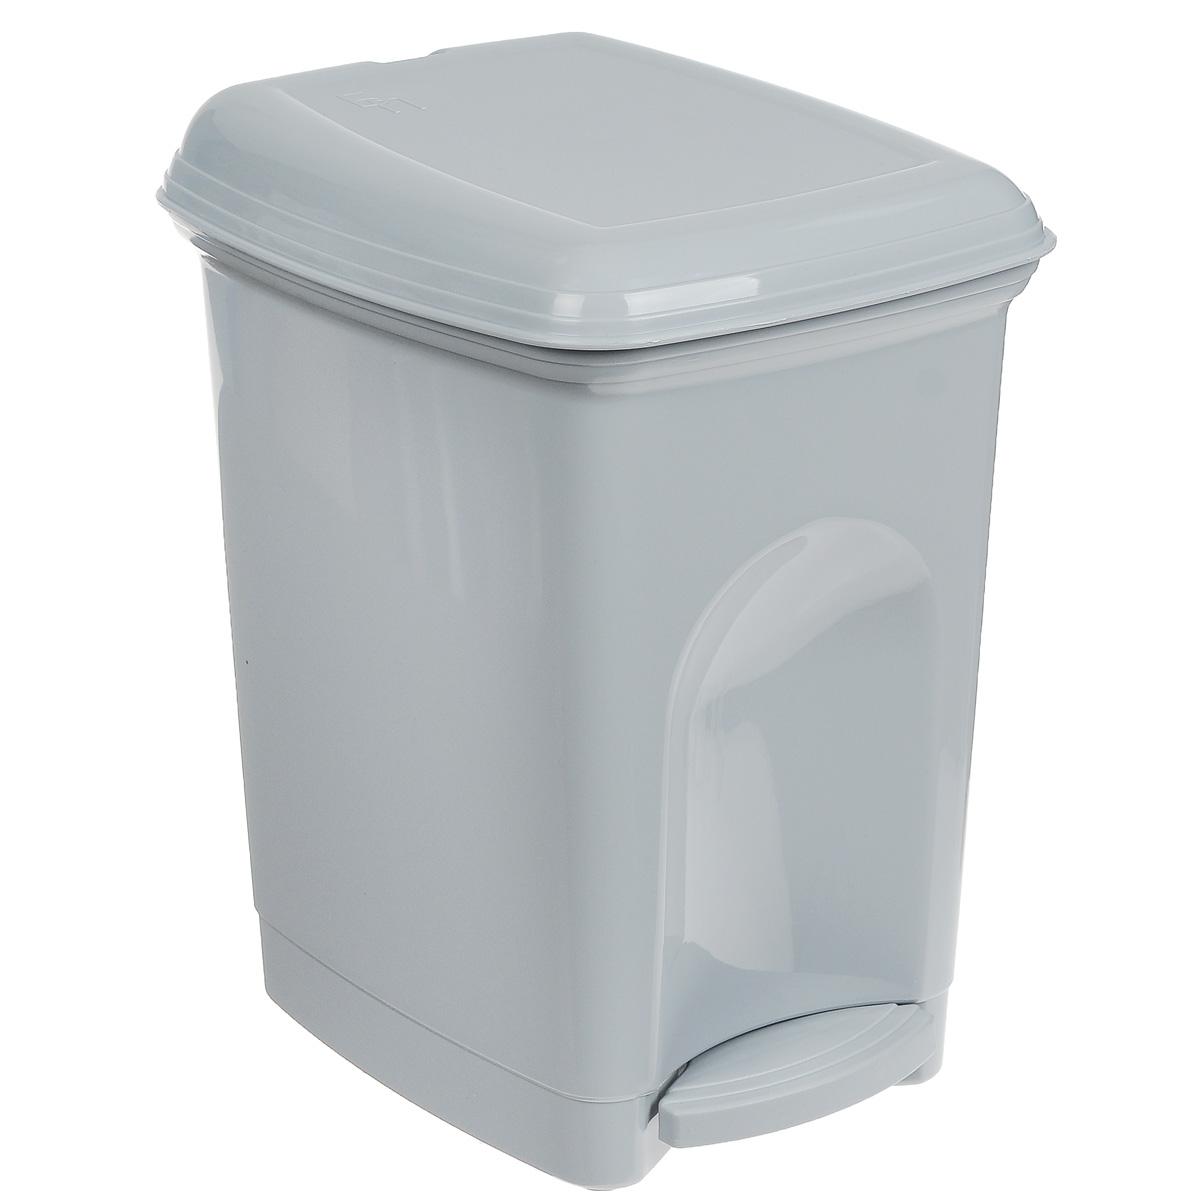 Контейнер для мусора Бытпласт, с педалью, цвет: серый, 7 лС12026Мусорный контейнер Бытпласт может стать декоративным элементом в помещении. Контейнер, выполненный из прочного пластика, не боится ударов и долгих лет использования. Изделие оснащено педалью, с помощью которой можно открыть крышку. Закрывается крышка практически бесшумно, плотно прилегает, предотвращая распространение запаха. Внутри пластиковая емкость для мусора, которую при необходимости можно достать из контейнера. Интересный дизайн разнообразит интерьер кухни и сделает его более оригинальным. Размер: 18 см х 22 см х 29 см.